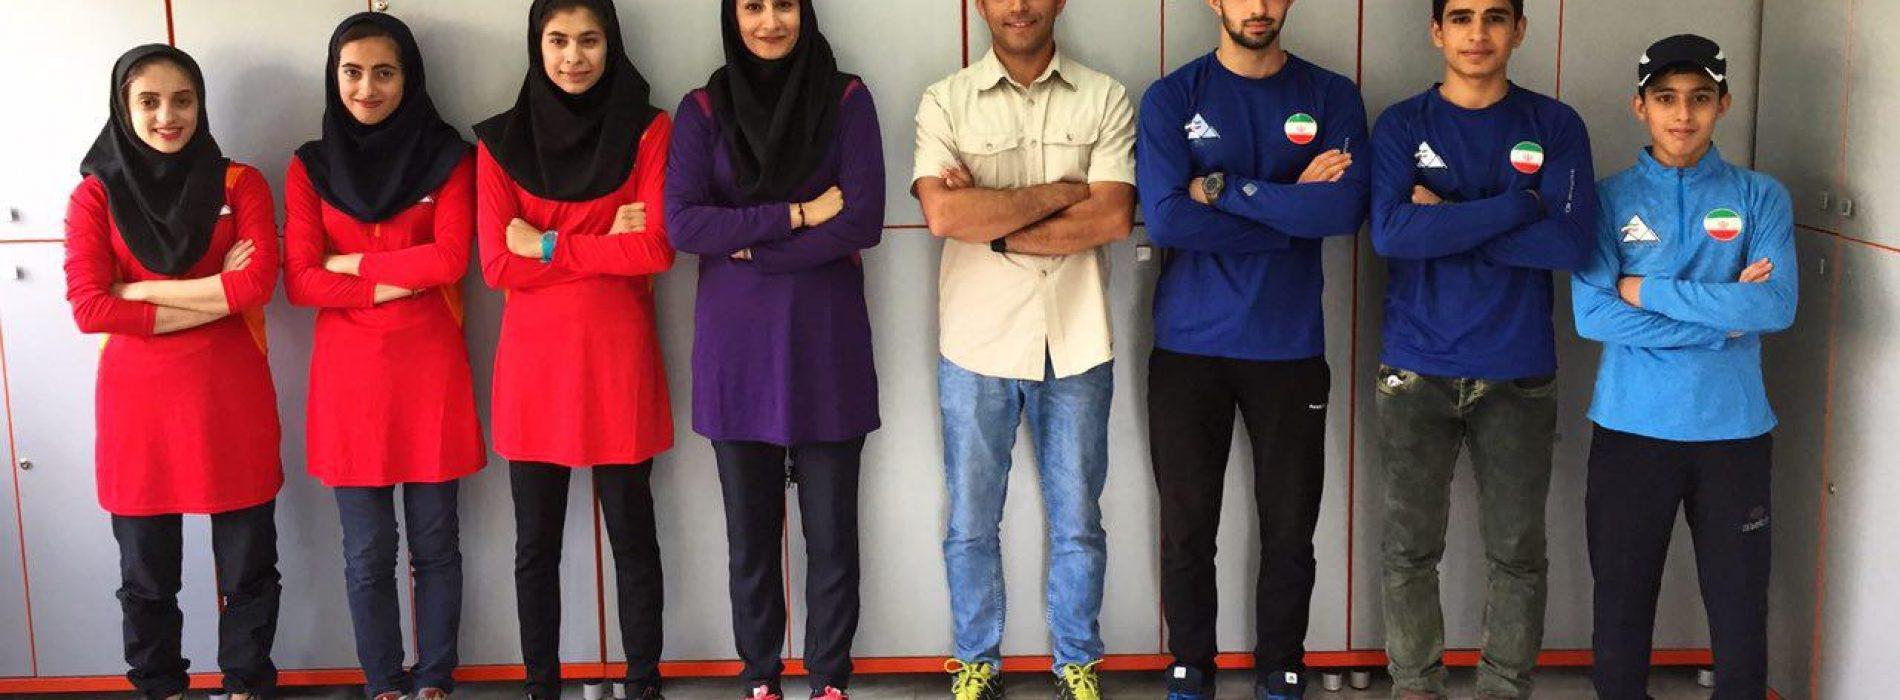 اعزام تیم ملی سنگنوردی نوجوانان و جوانان کشورمان به مسابقات آسیایی سنگاپور